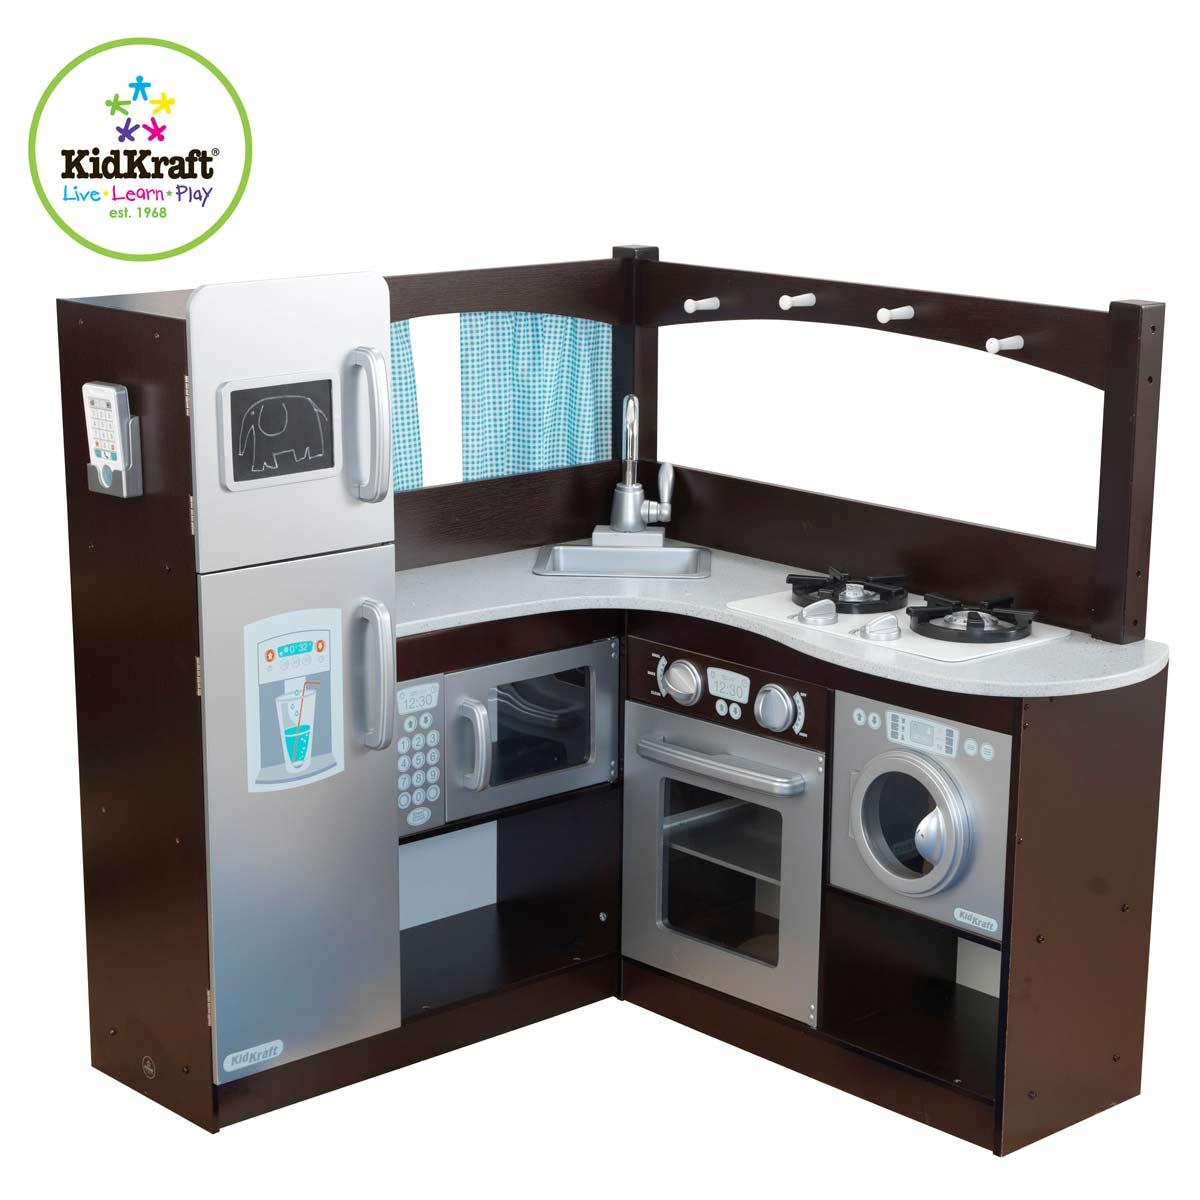 Kidkraft Narozna Kuchnia Dla Dzieci Espresso 53302 Pirum